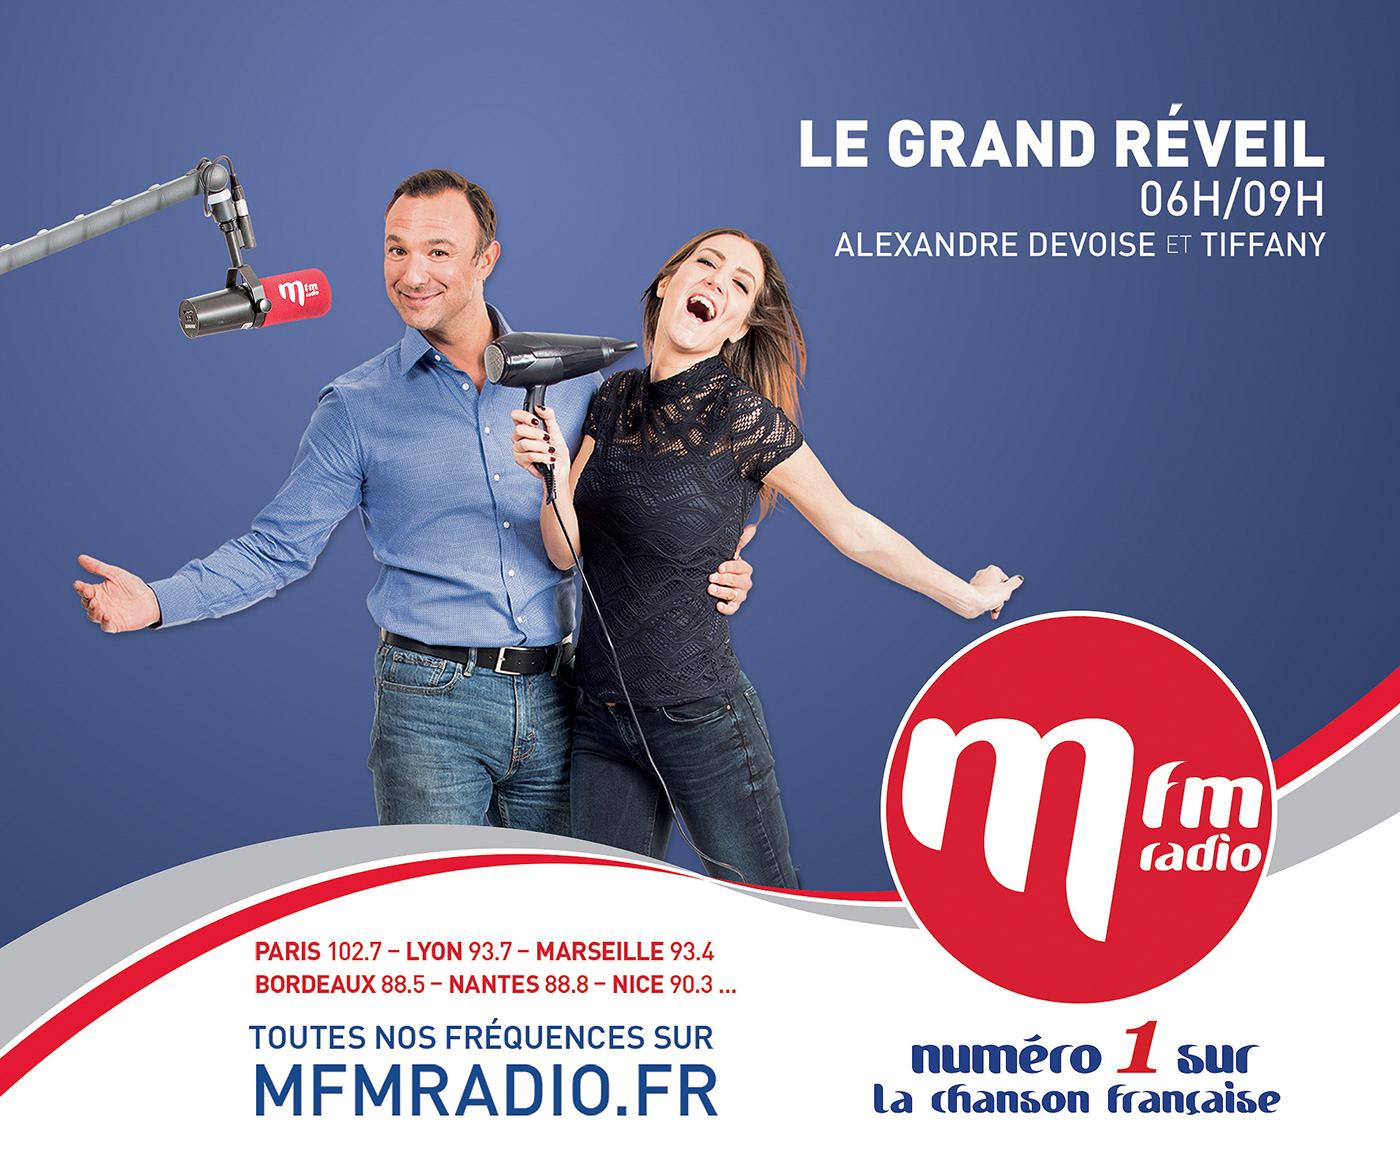 chanson française facebook media MFM micro Musique presse promo pub Radio